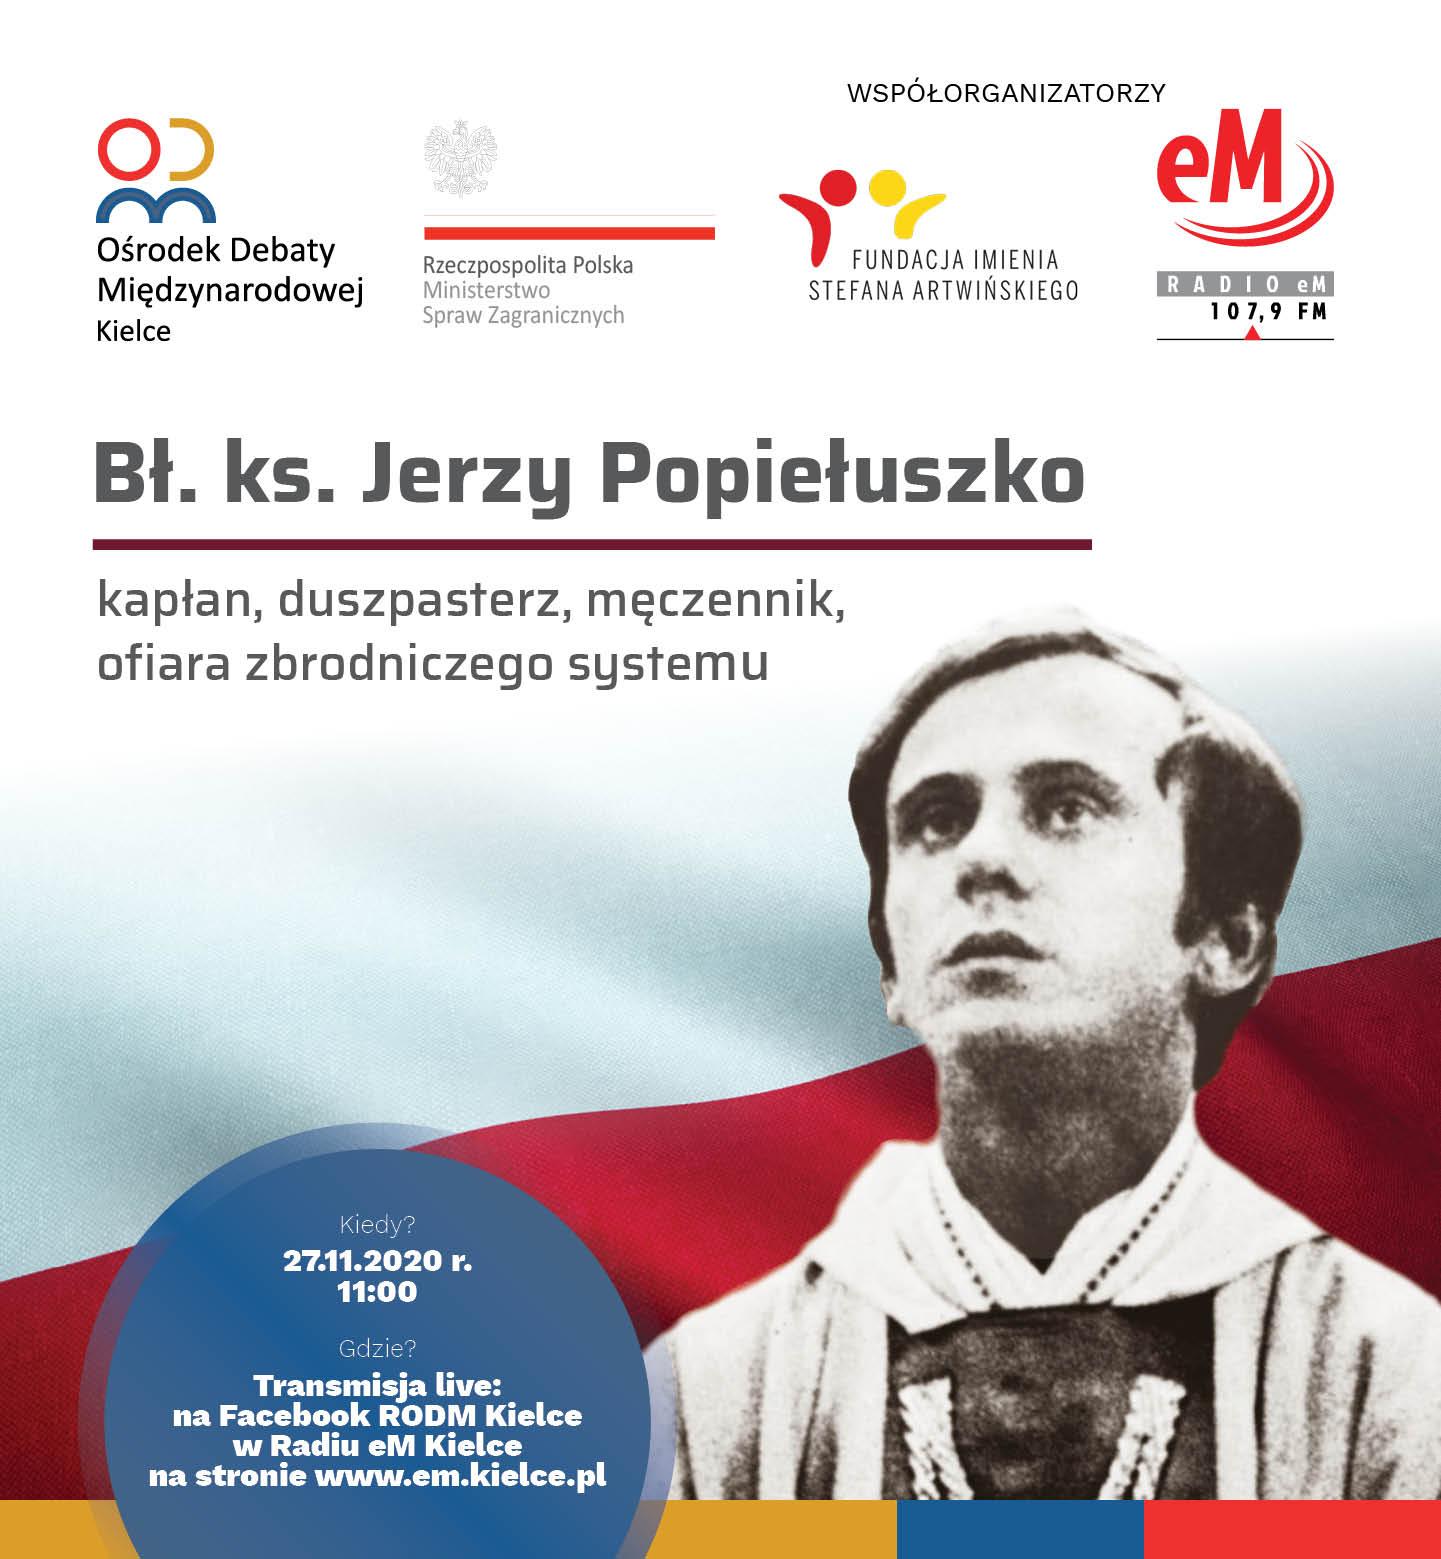 Błogosławiony ks. Jerzy Popiełuszko – kapłan, duszpasterz, męczennik, ofiara zbrodniczego systemu